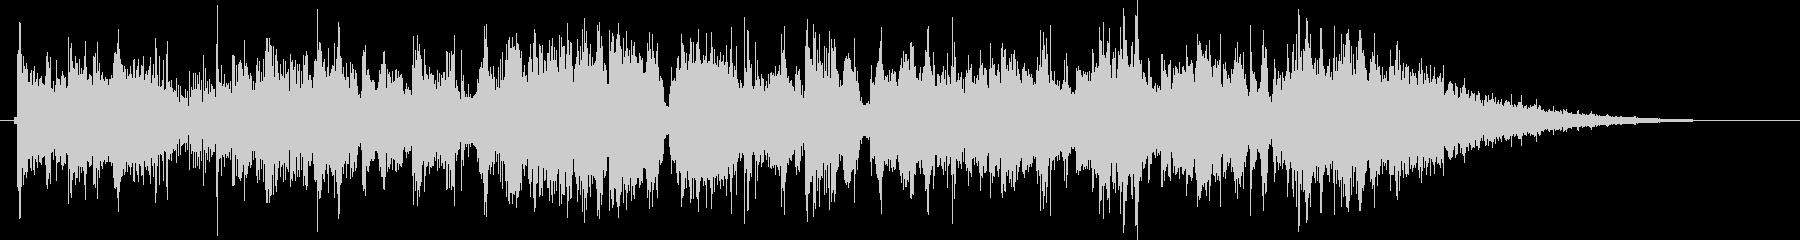 グルーヴィーなジャズファンクジングルの未再生の波形